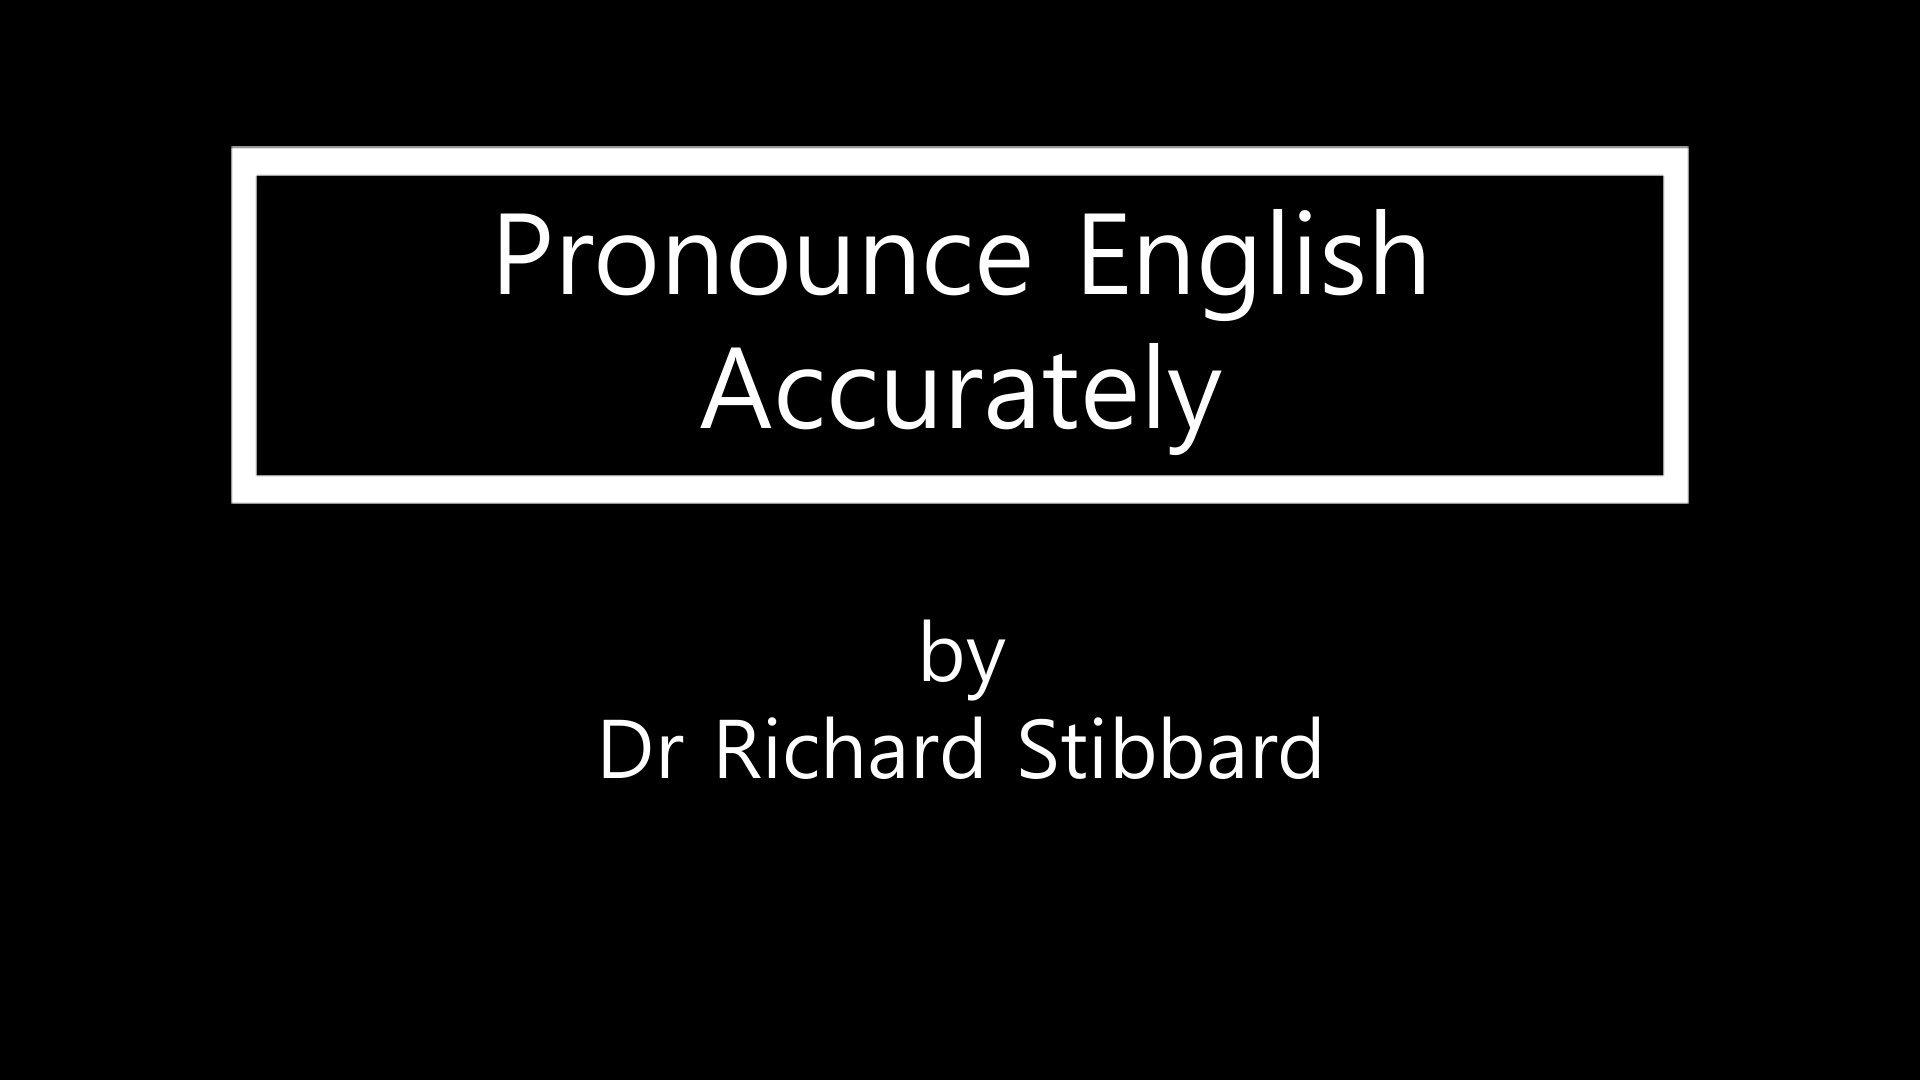 Pronounce English Accurately  Dr Richard Stibbard  Skillshare